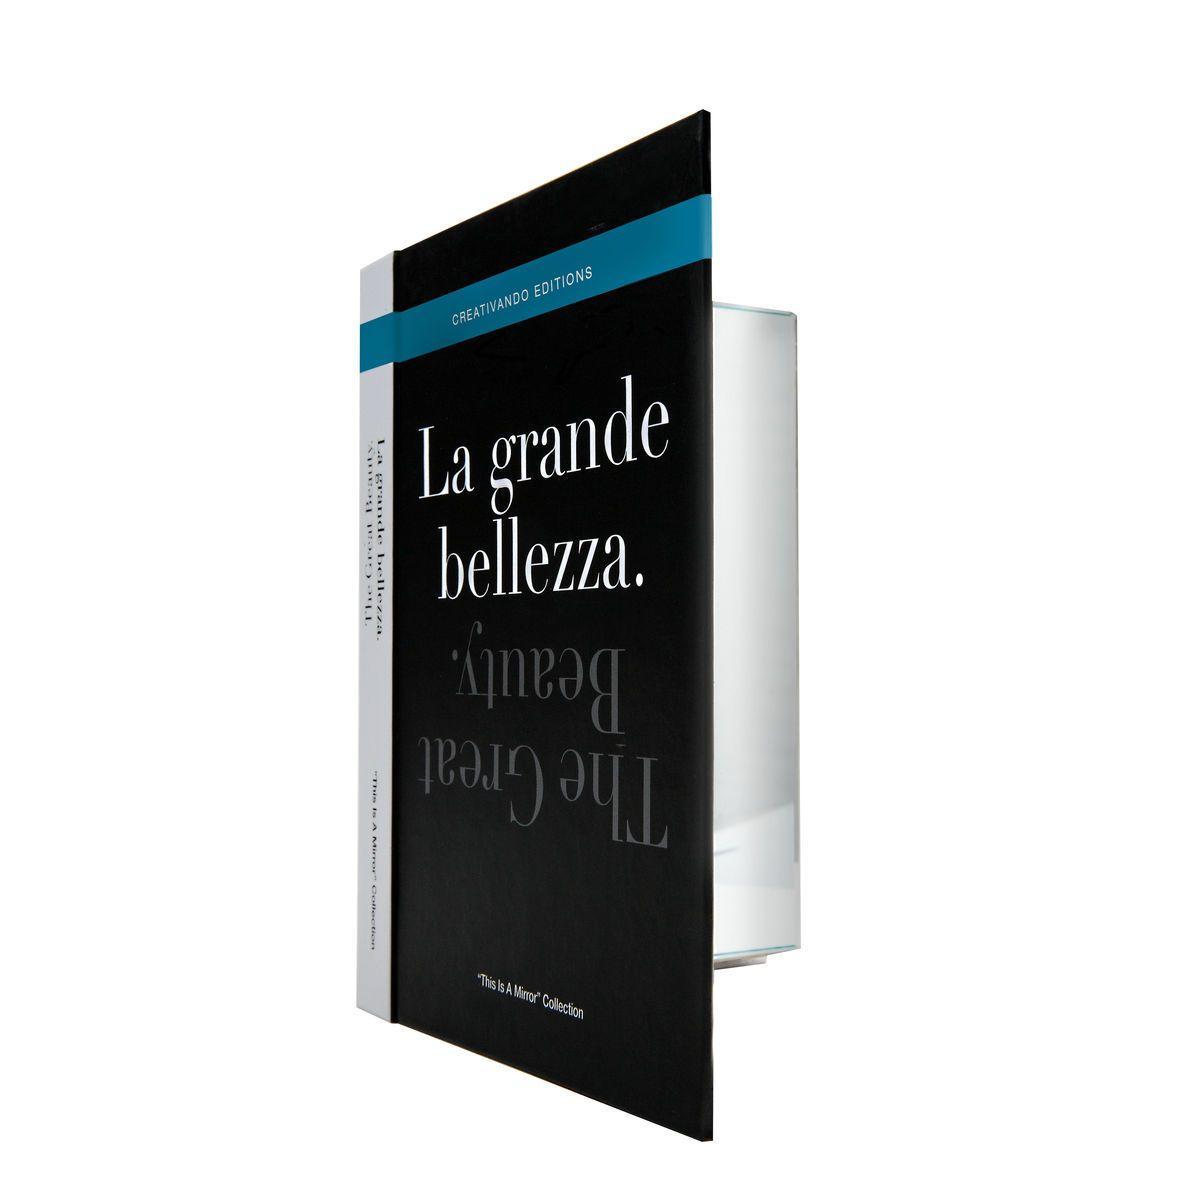 Specchio da borsetta o scrivania a forma di libro copertina nera testo La grande bellezza